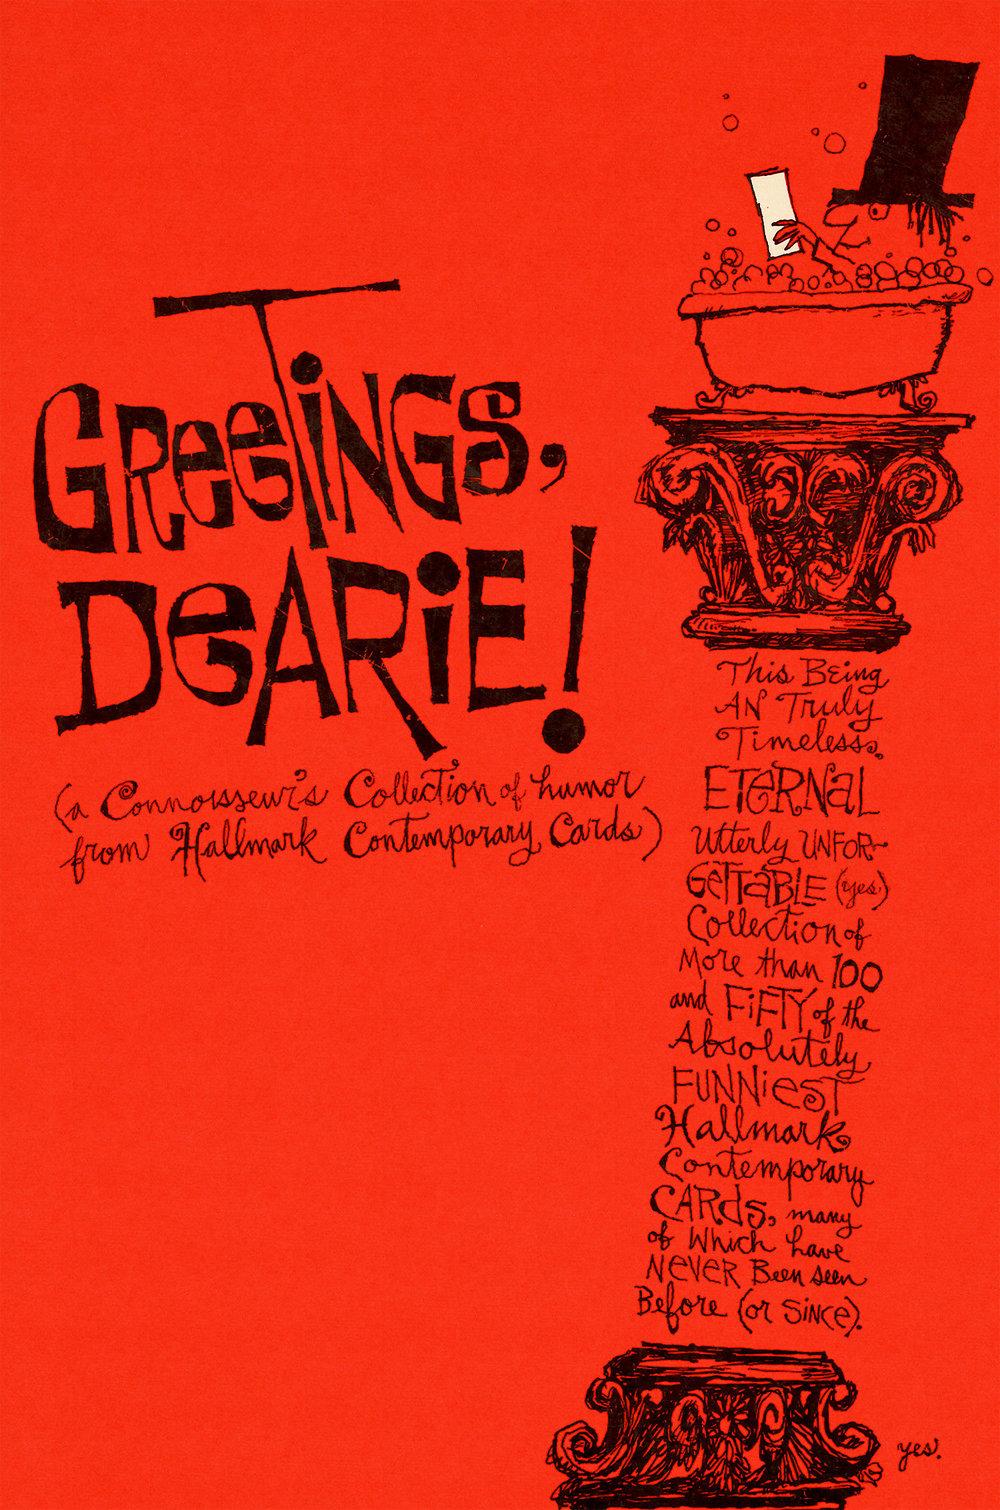 GREETINGS, DEARIE!